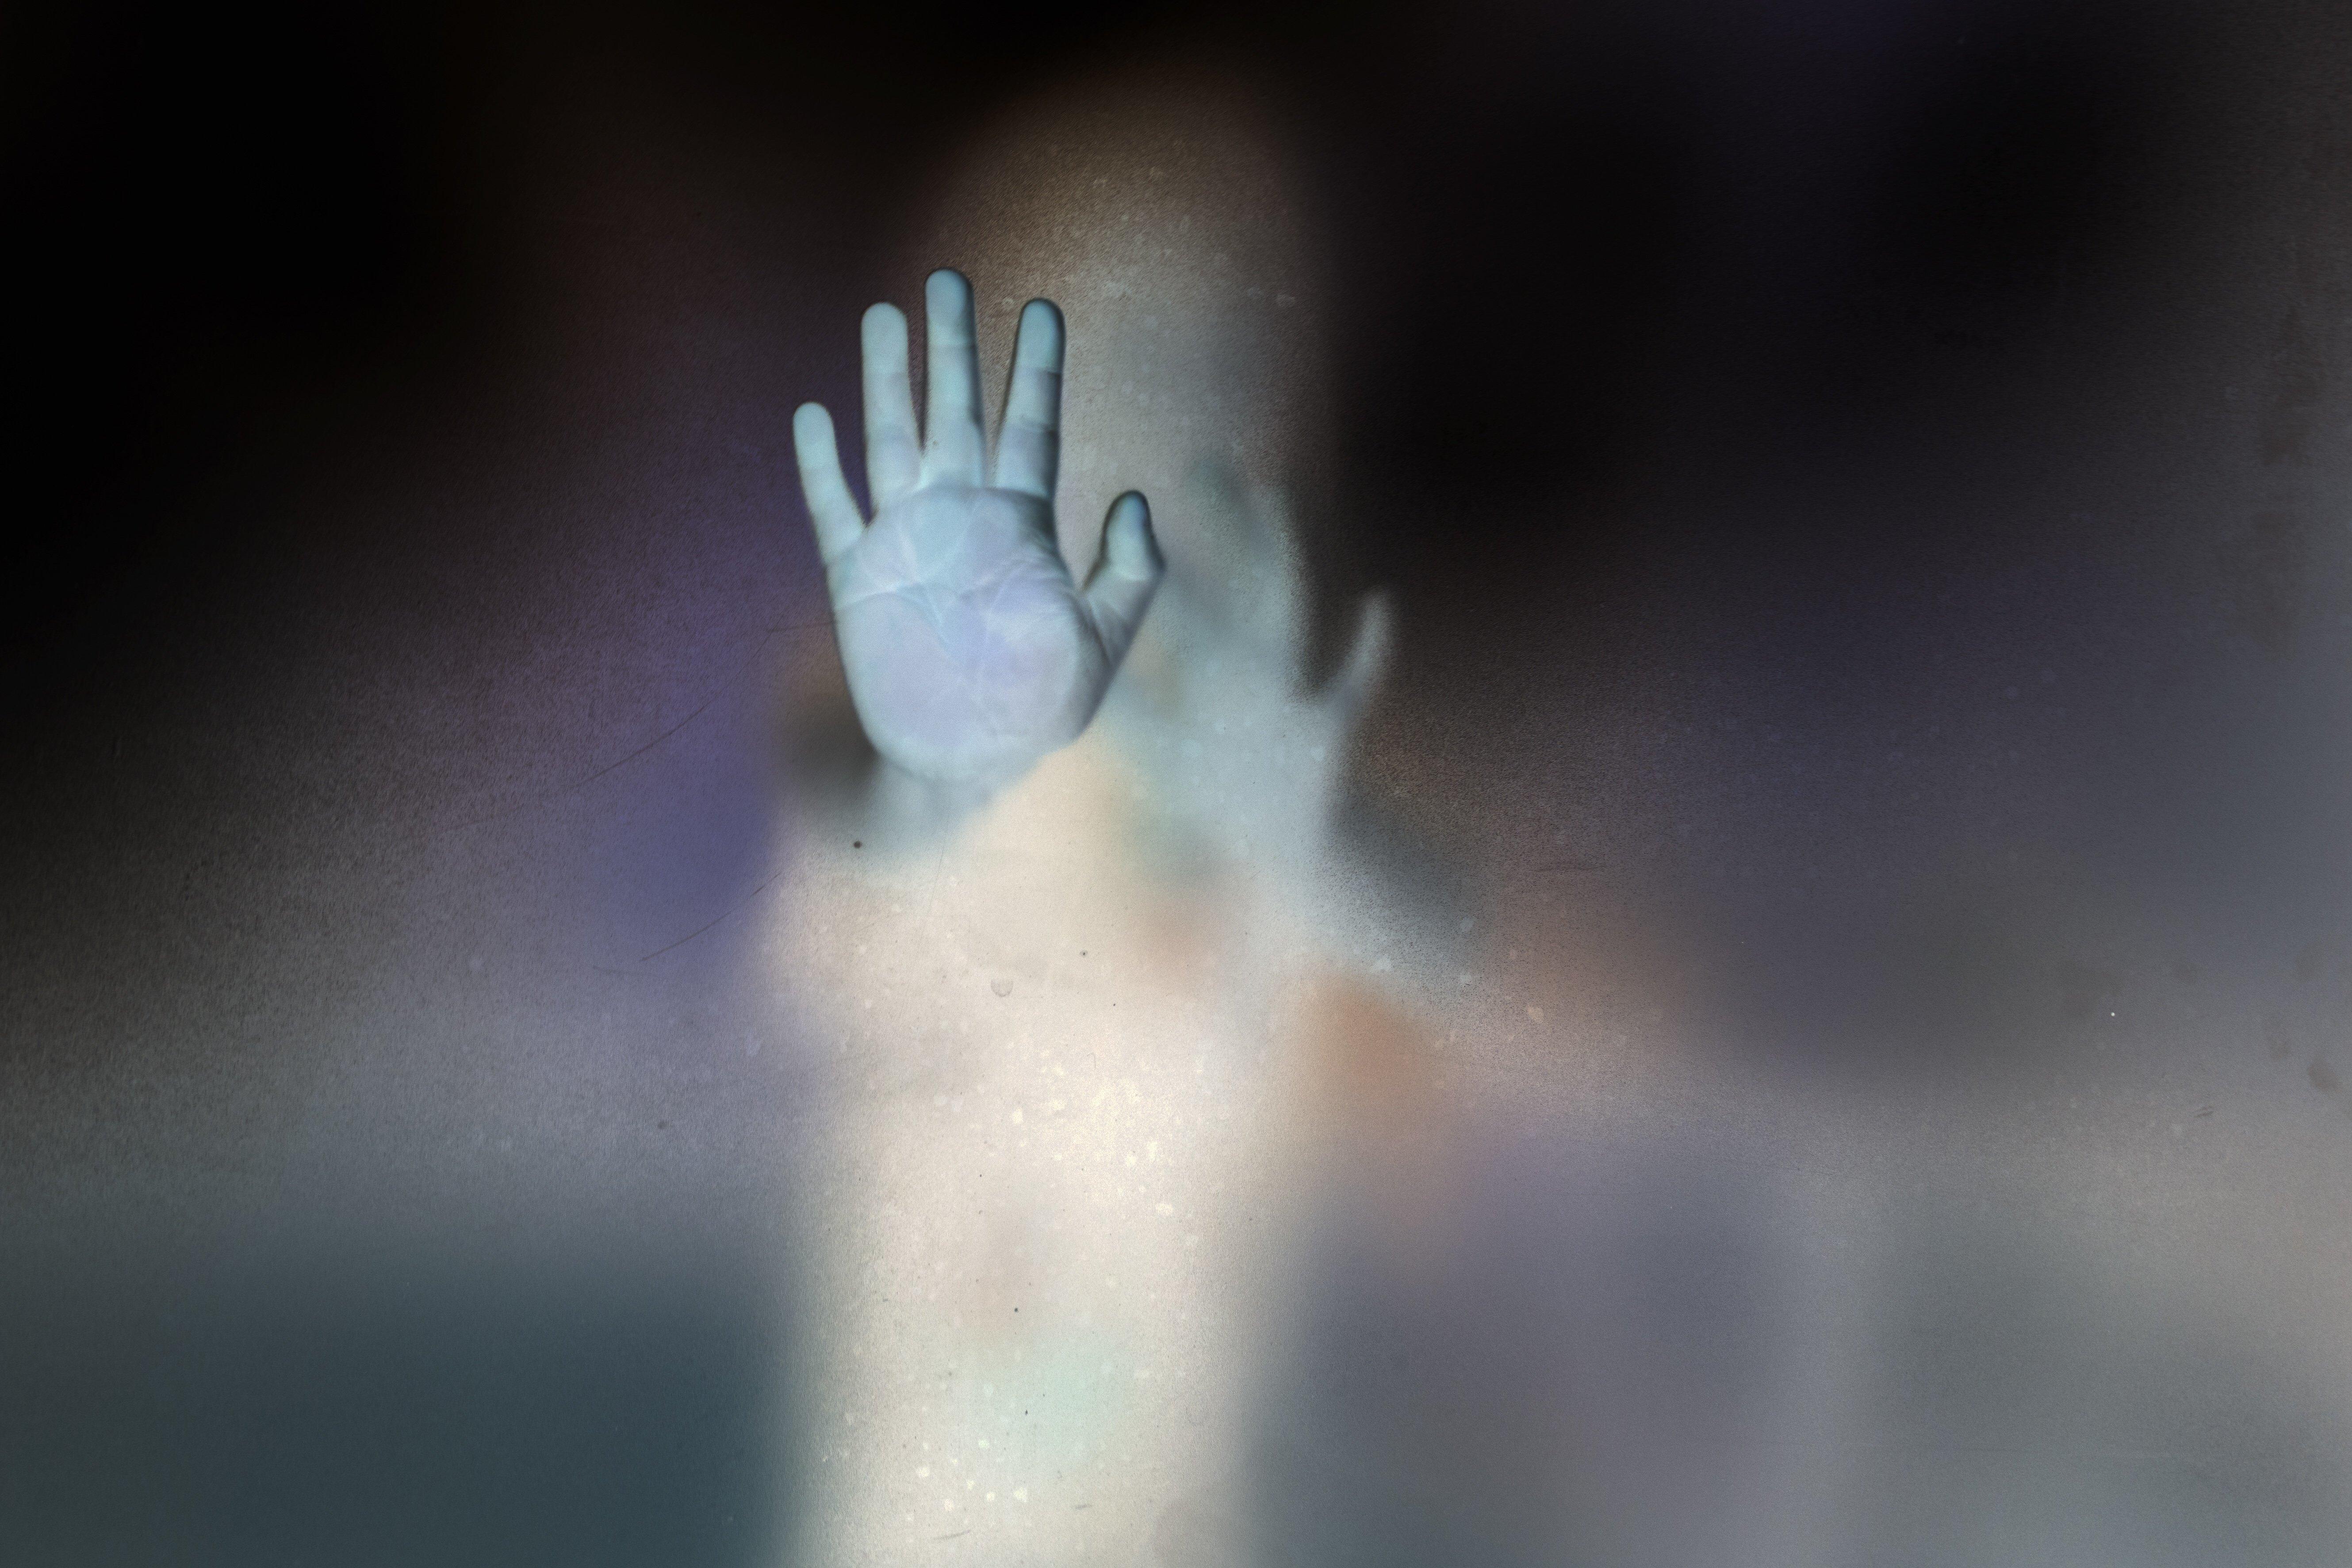 Μητέρα βγάζει φωτογραφία τον γιο της και από πίσω του βλέπει το «φάντασμα» ενός παιδιού που τον